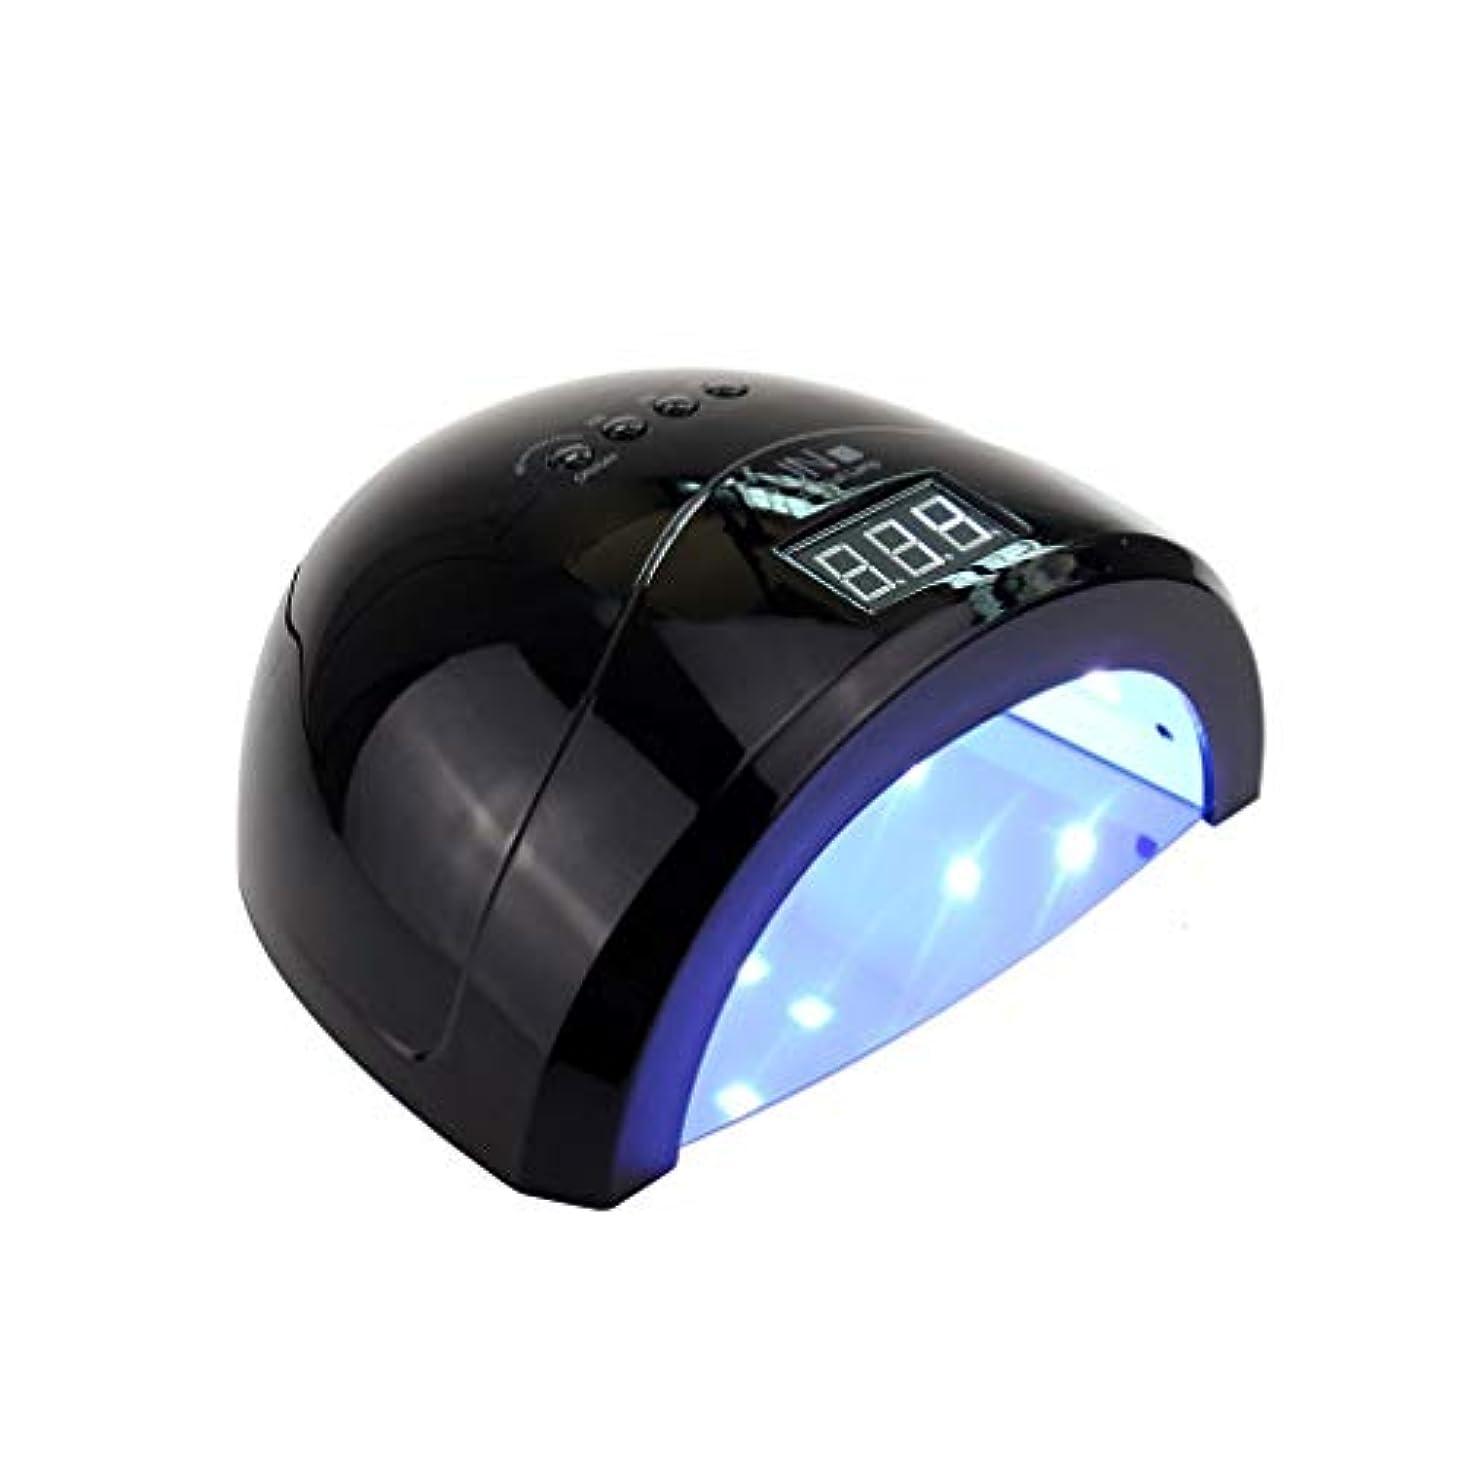 コストガス注目すべきデュアル光源UV/LEDネイルライト、ジェルネイルポリッシュ用48Wスマートネイルドライヤー、時限設定、クイックドライ、ブラックハンドなし(ブラック)